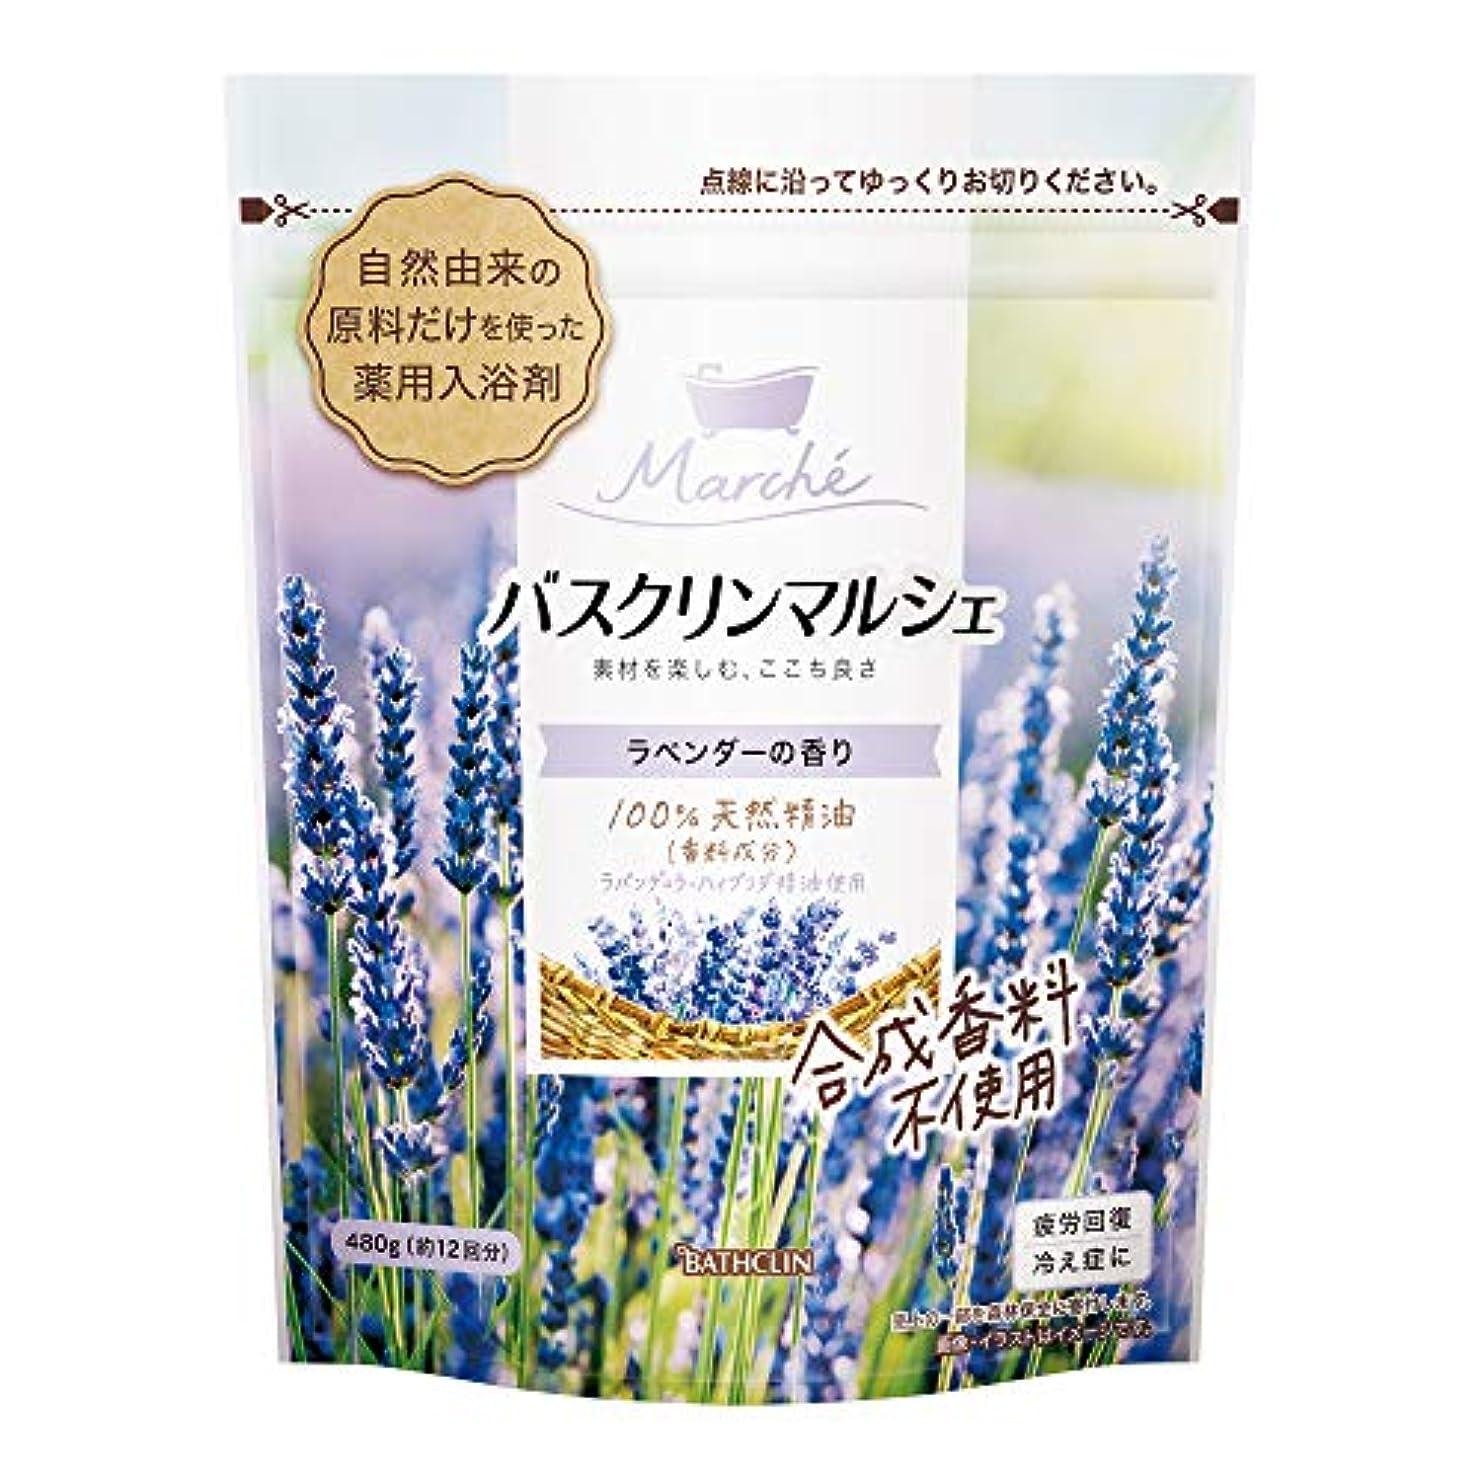 行う二次バスクリンマルシェラベンダーの香り 入浴剤 そよ風に揺れる花を想わせるラベンダーの香りの入浴剤 480g